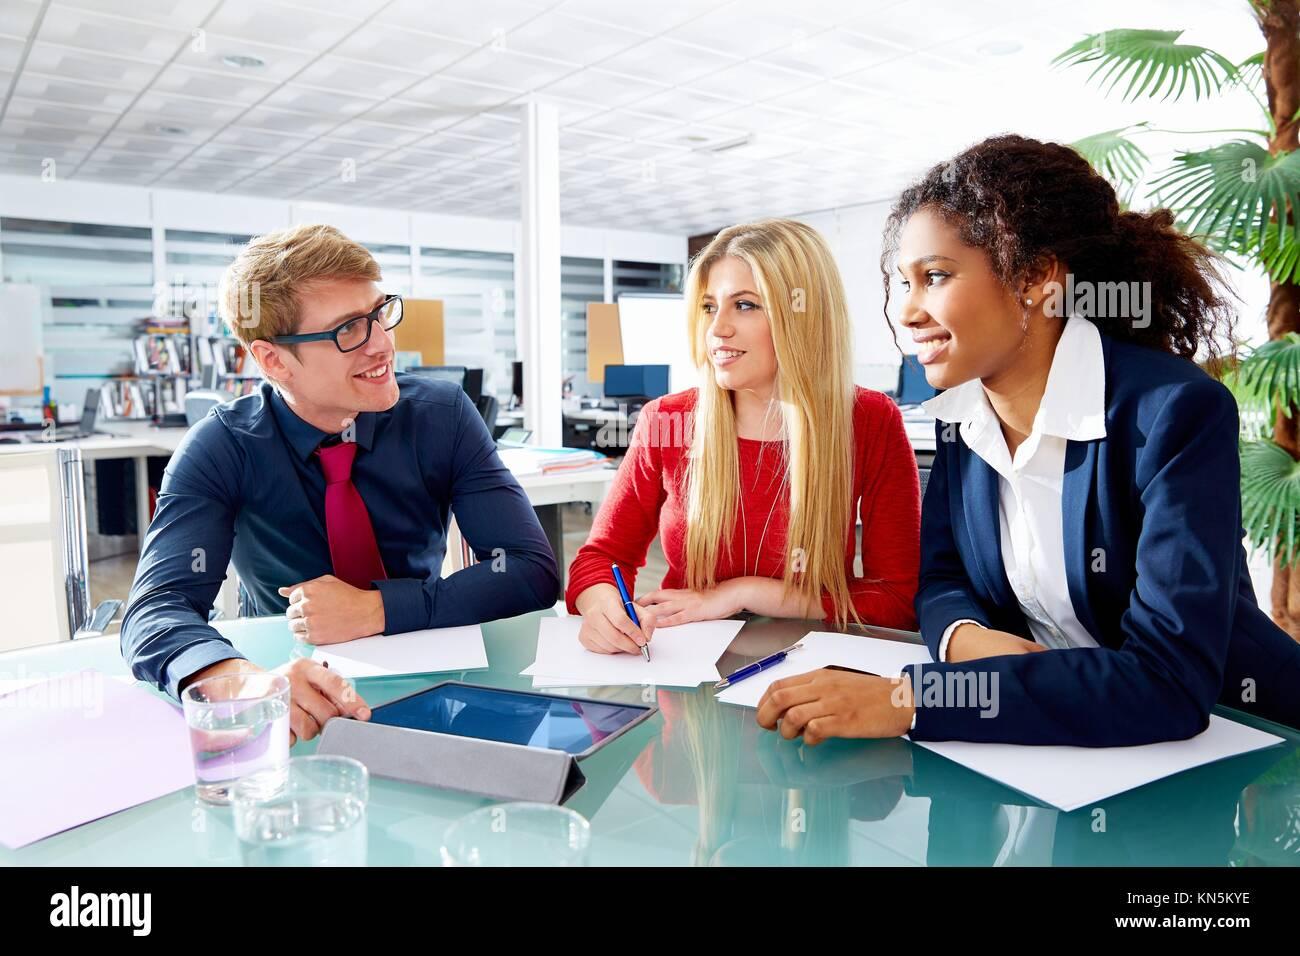 Executive Business People Team treffen im Teamwork junge Multirassischen. Stockbild